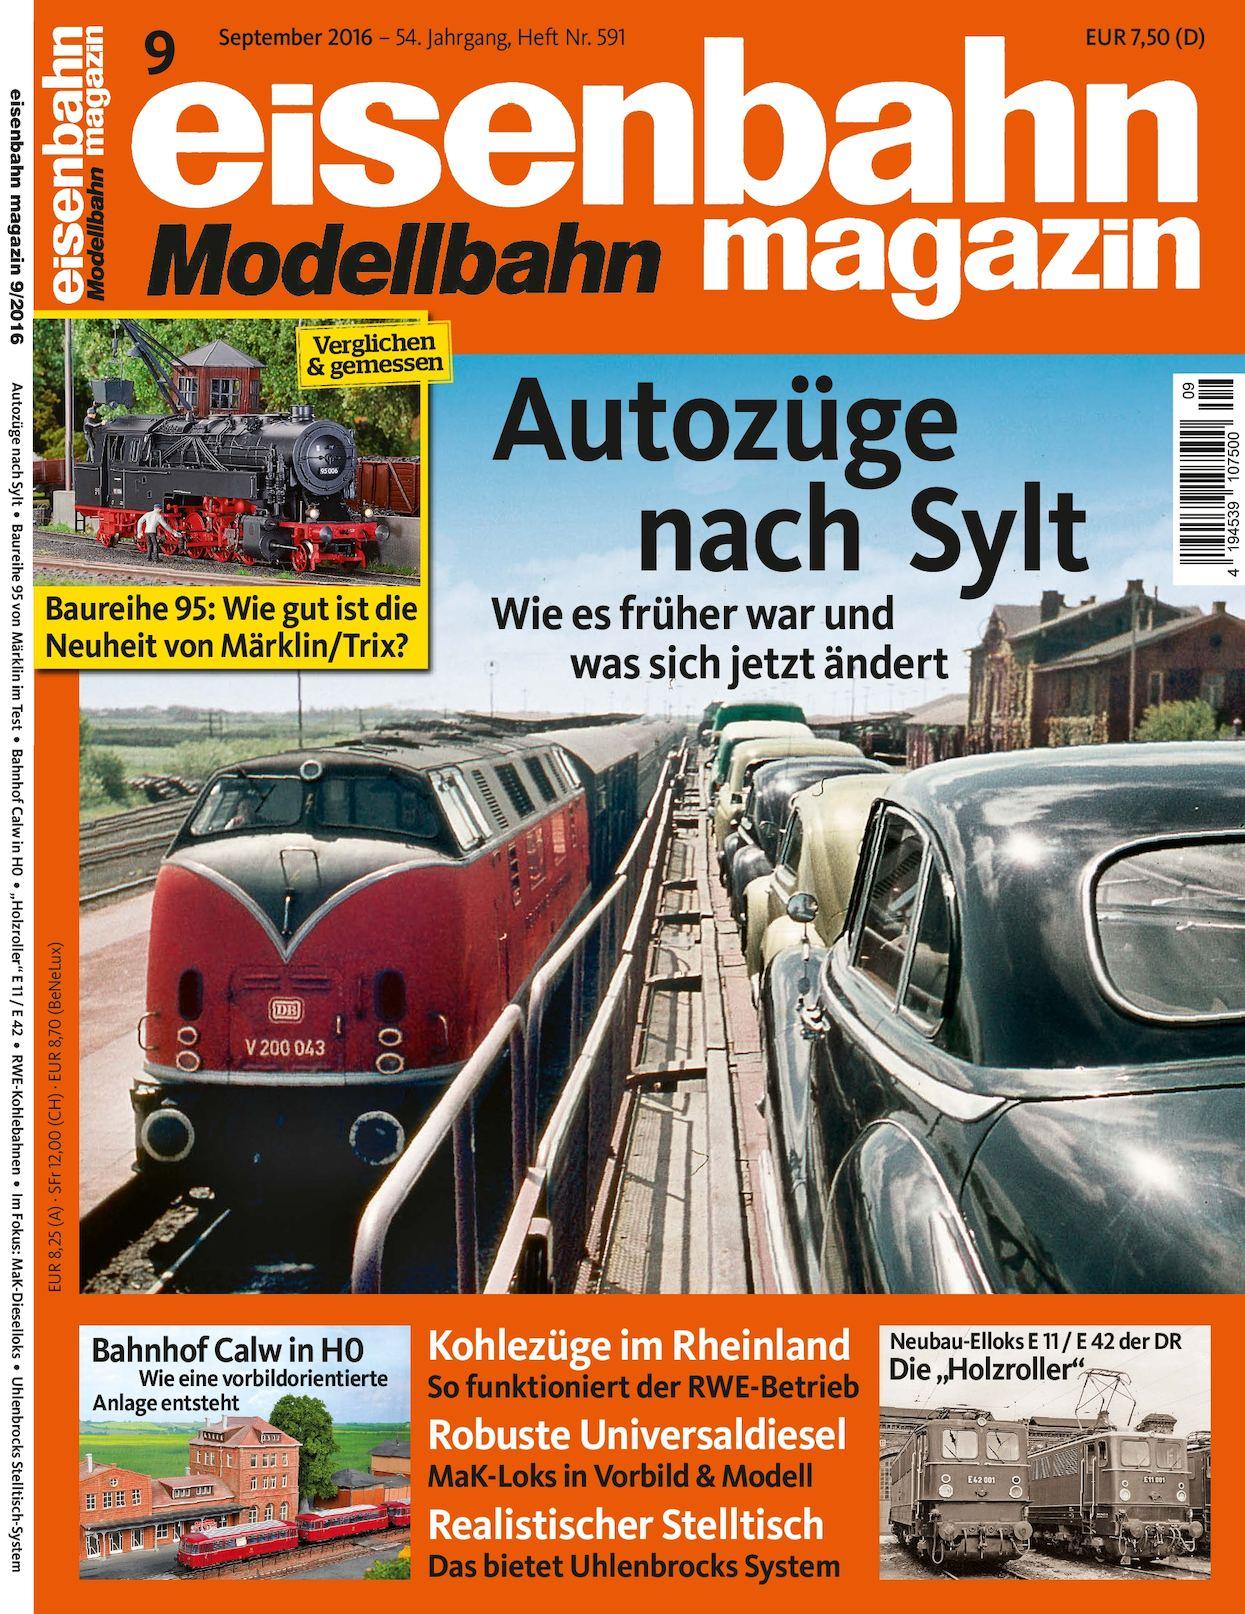 Calaméo - Eisenbahn Modellbahn Magazin 09 2016